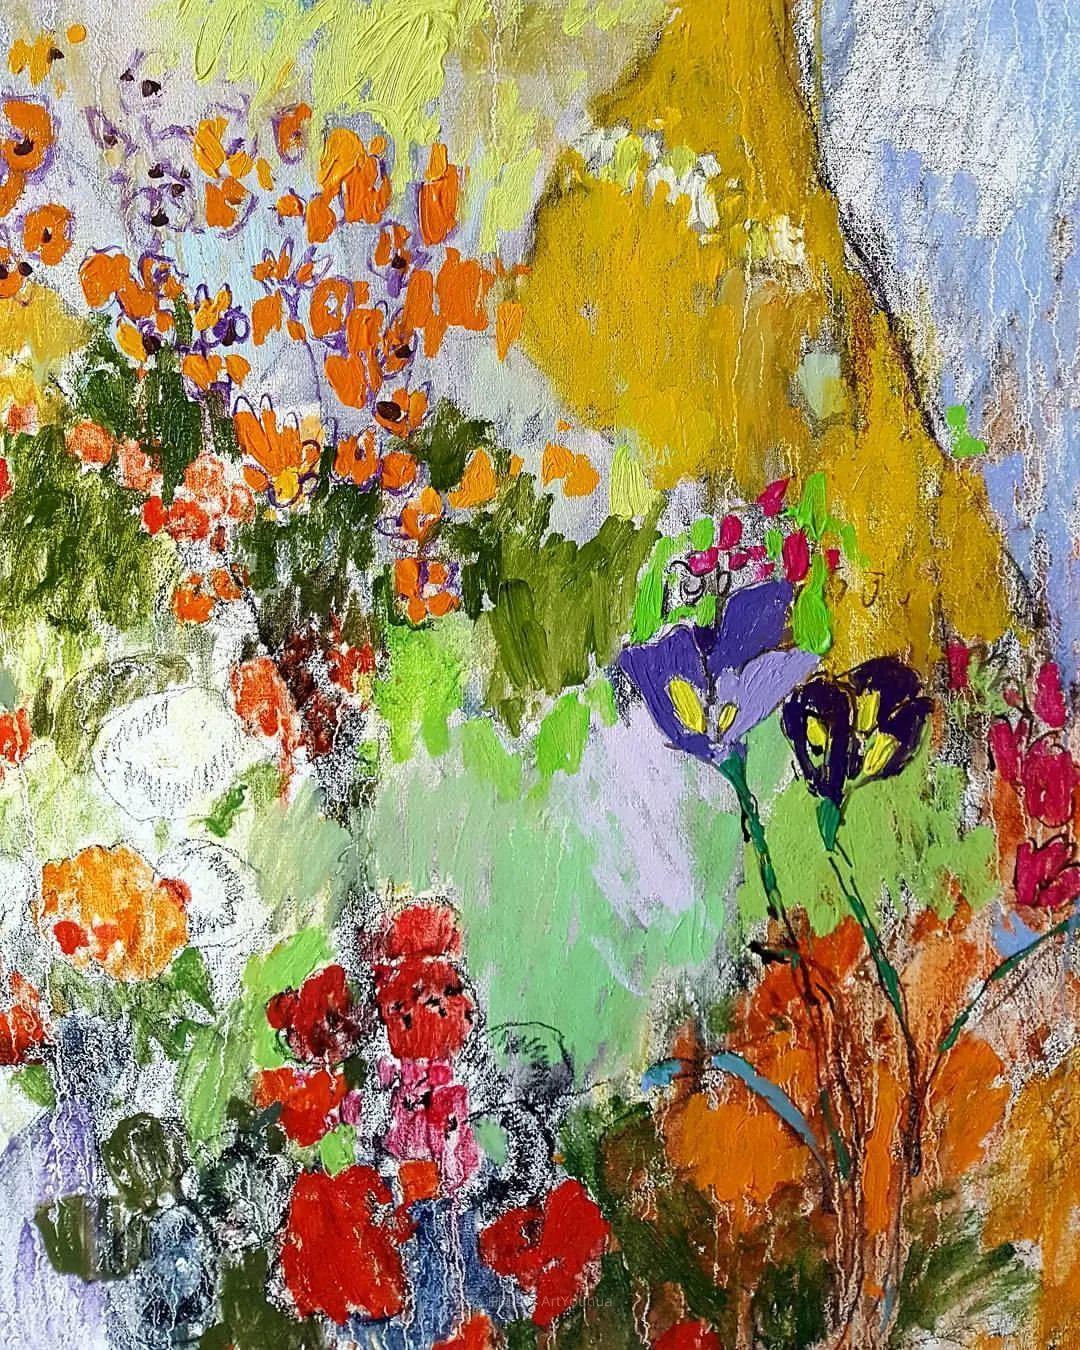 她的作品色彩丰富,充满爱意,富有生活气息!插图21